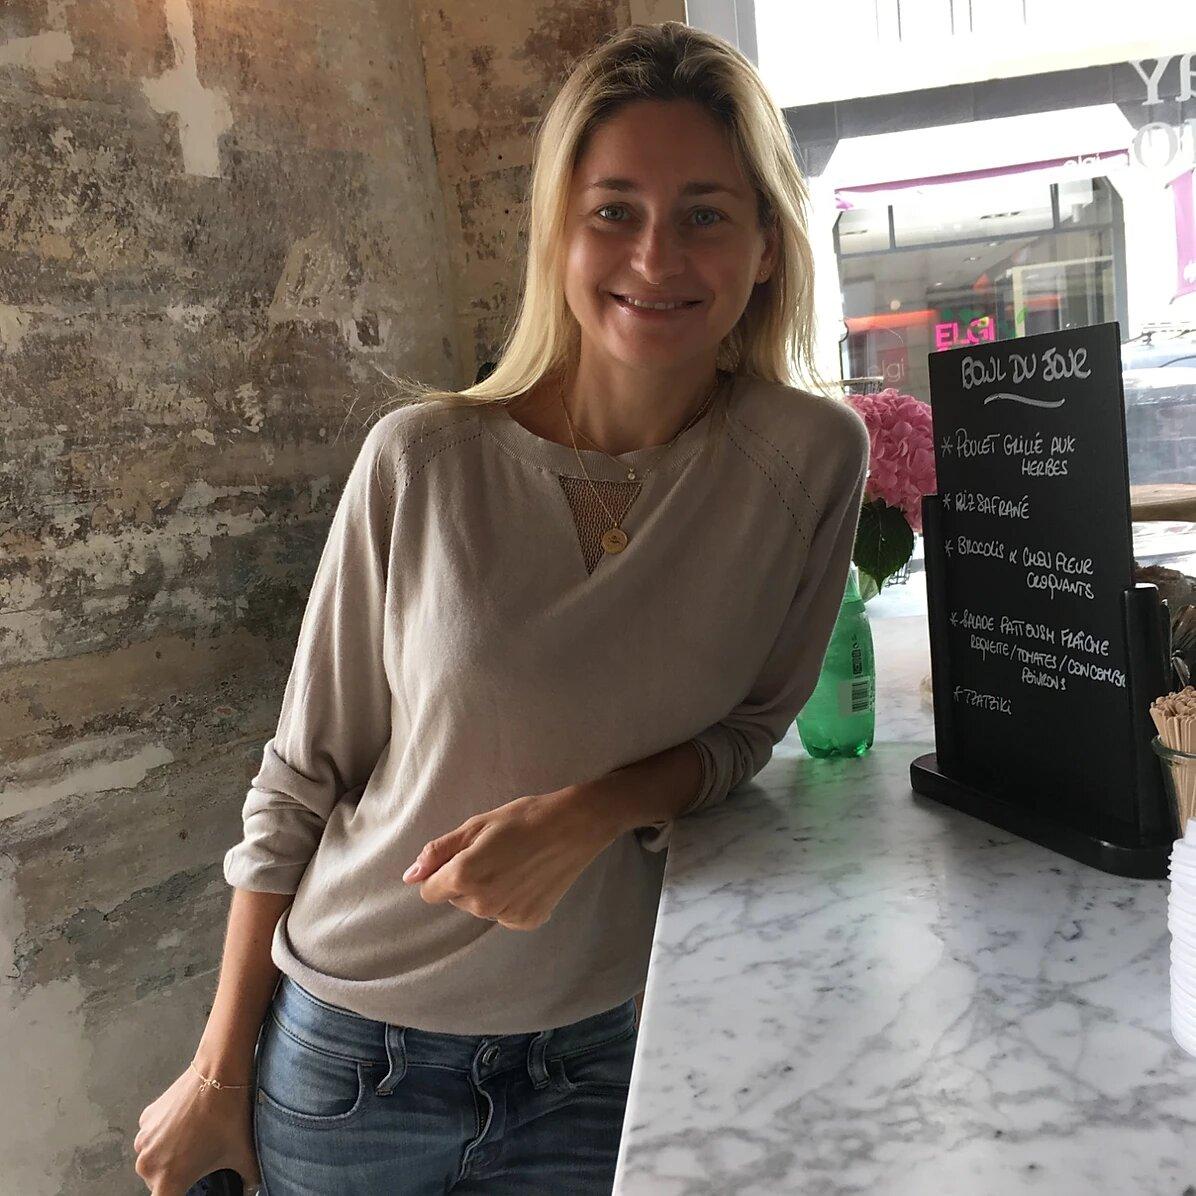 Detox et Moi, les habitudes bien-être d'Aurélie Chavas